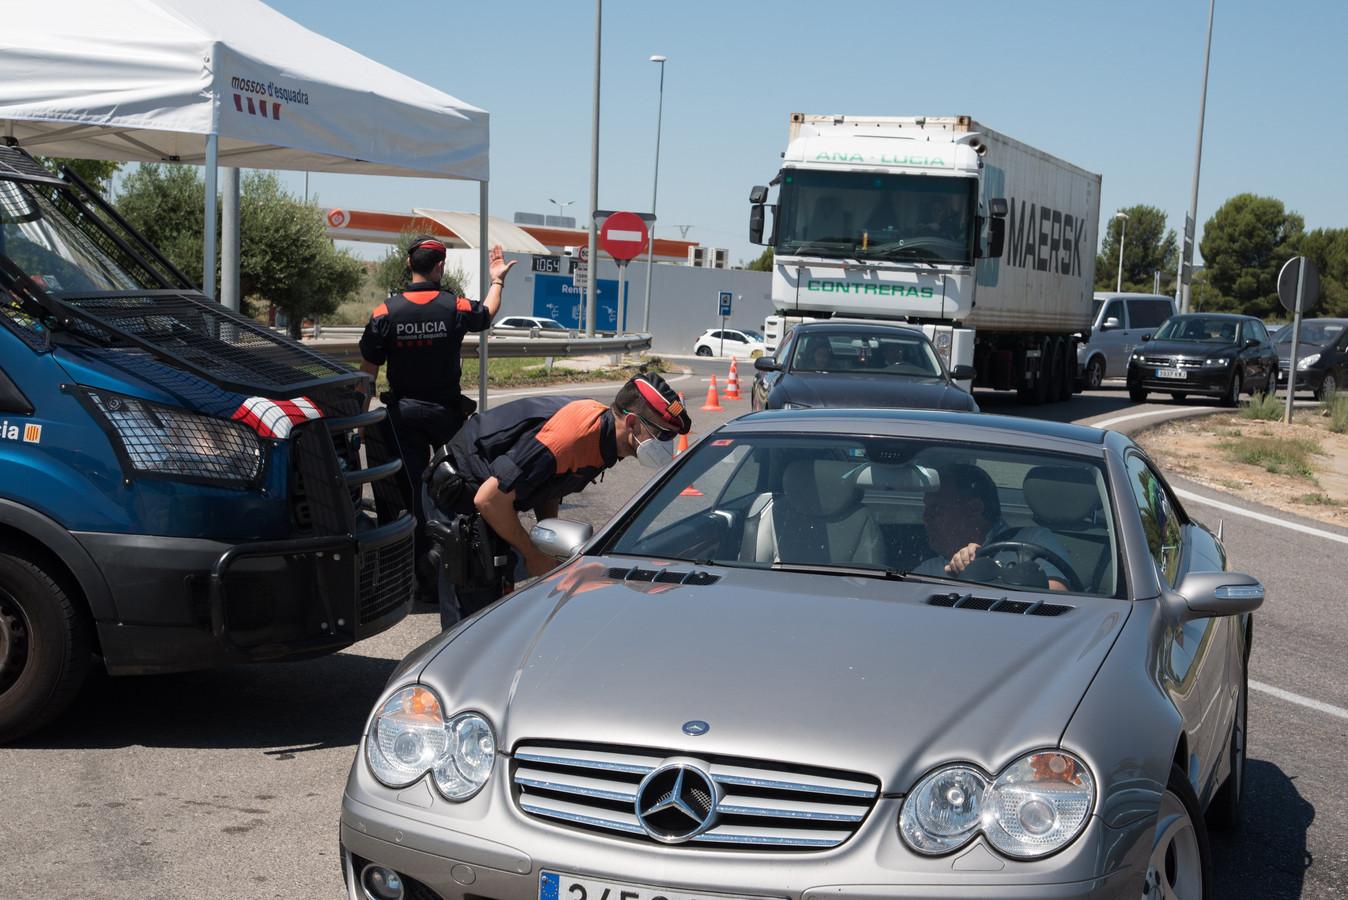 Verkeerscontrole in de Spaanse regio Catalonië. Door de toename van het aantal coronabesmettingen zullen er minder toeristen op de weg zijn.